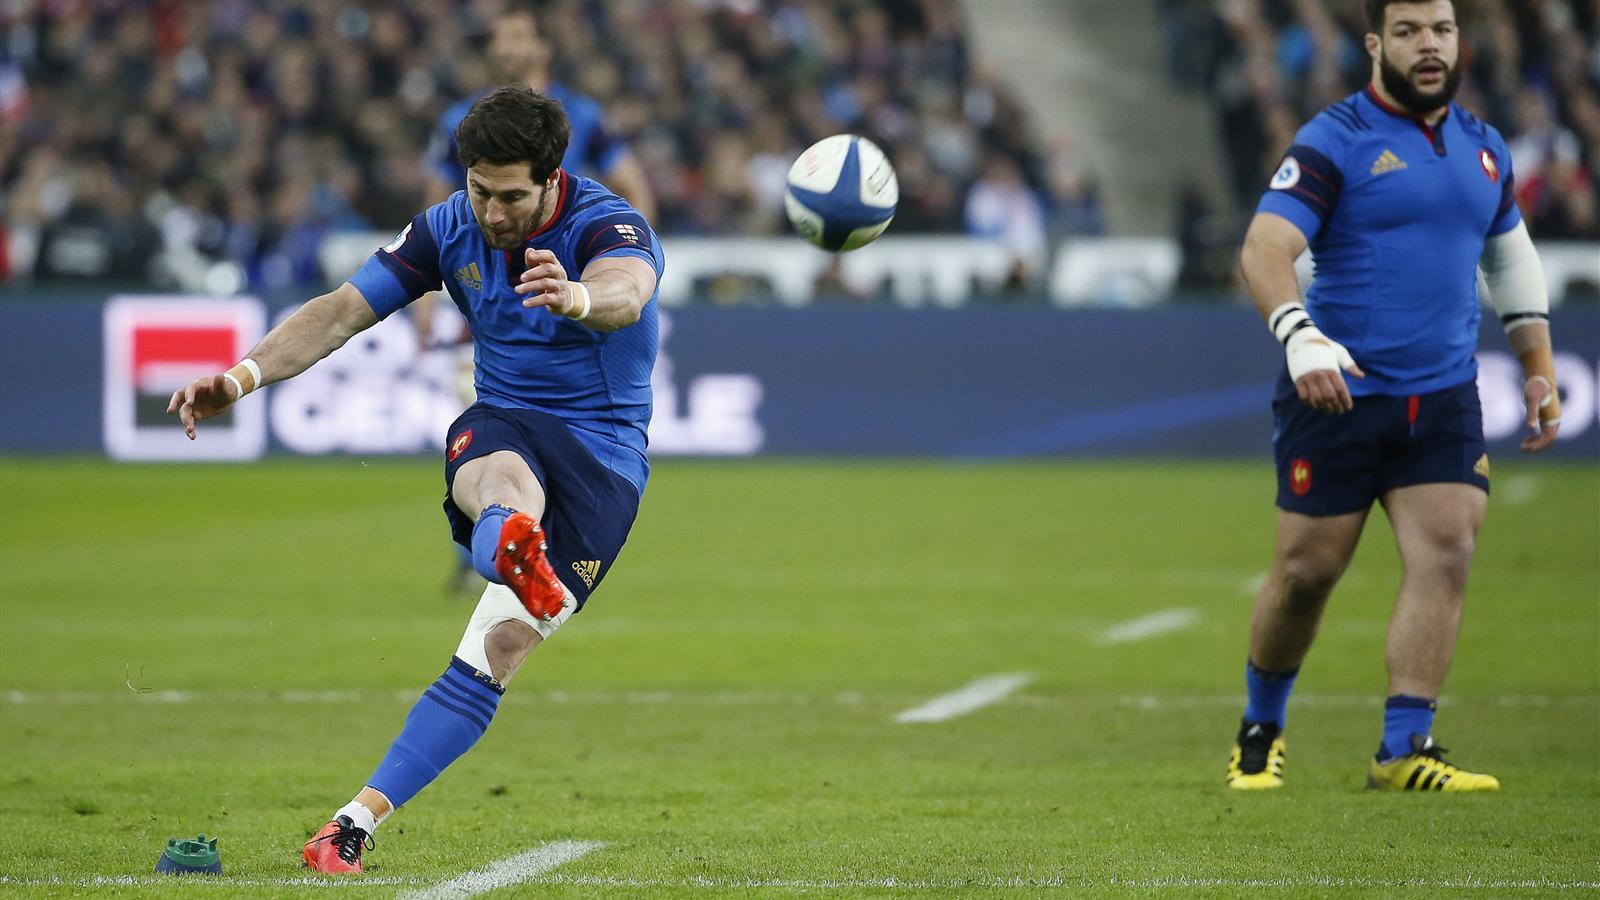 Maxime Machenaud (XV de France) a réalisé un sans-faute au pied contre l'Angleterre - 19 mars 2016